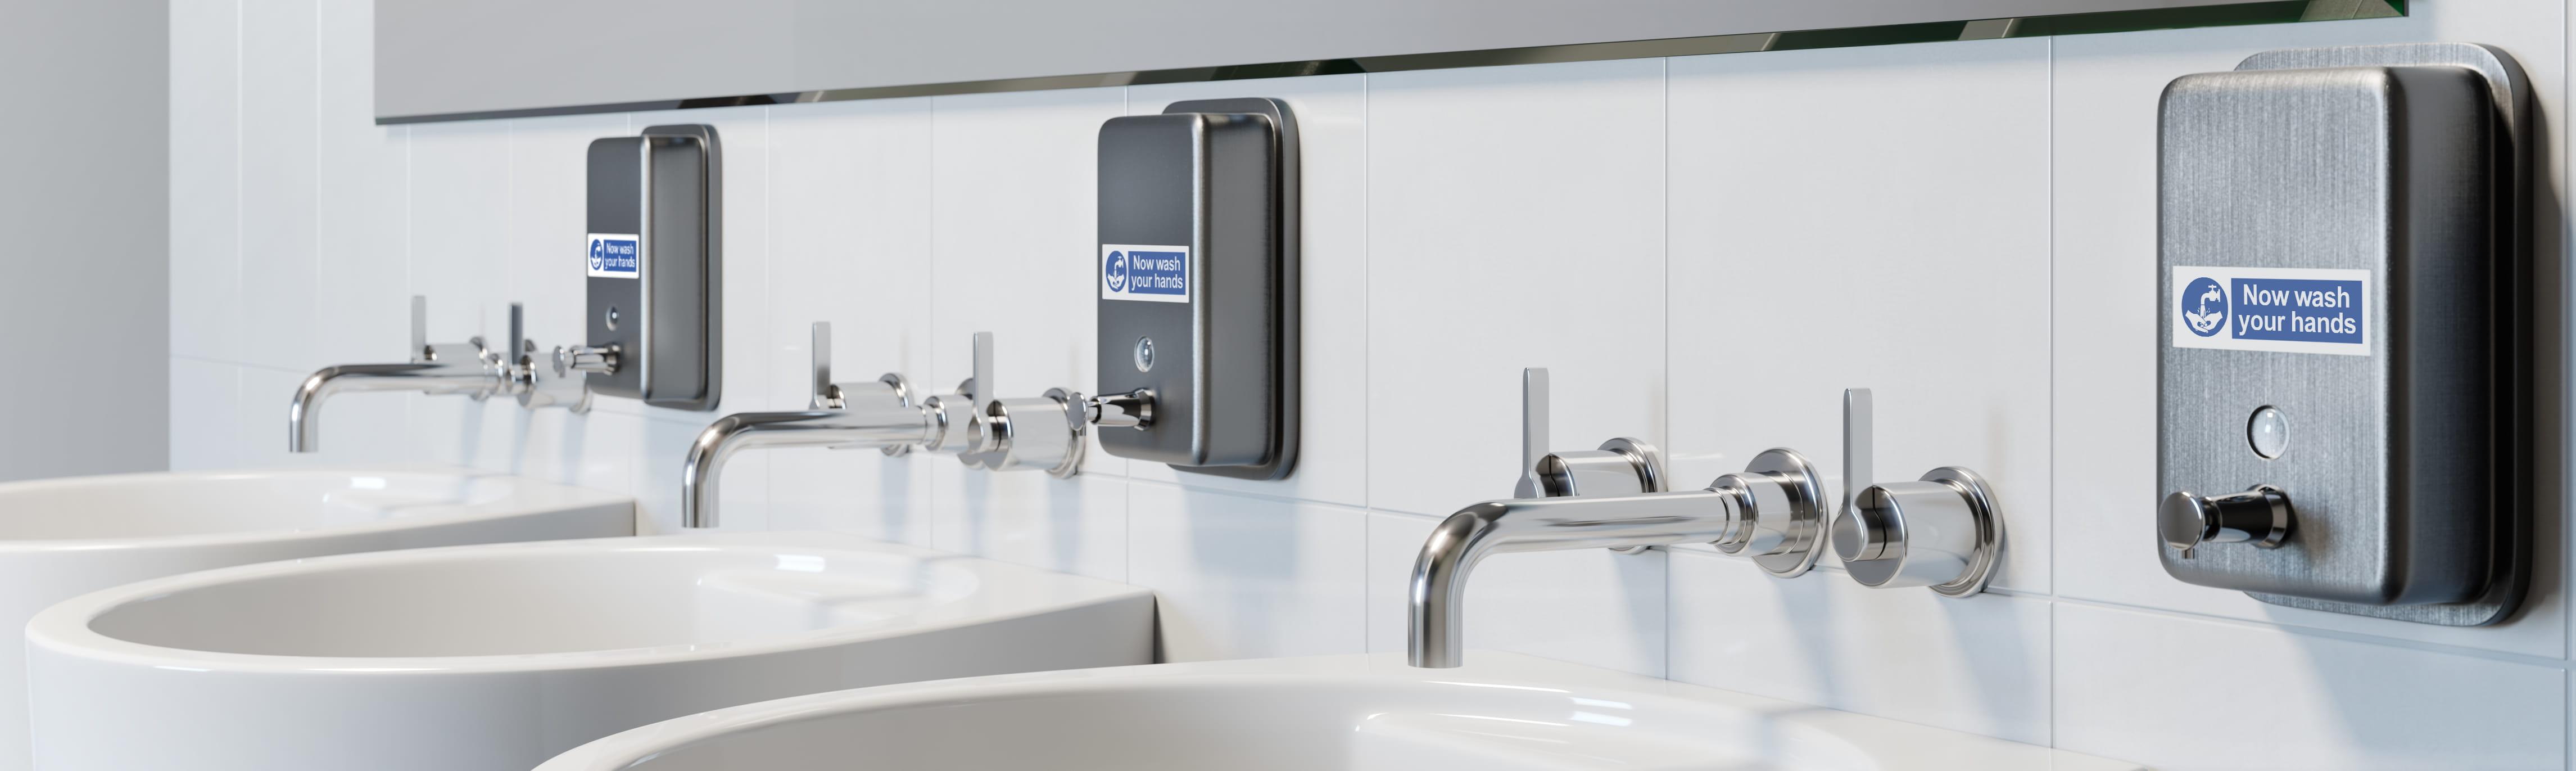 Tri umivaonika u kupaonici s naljepnicama Brother p-touch